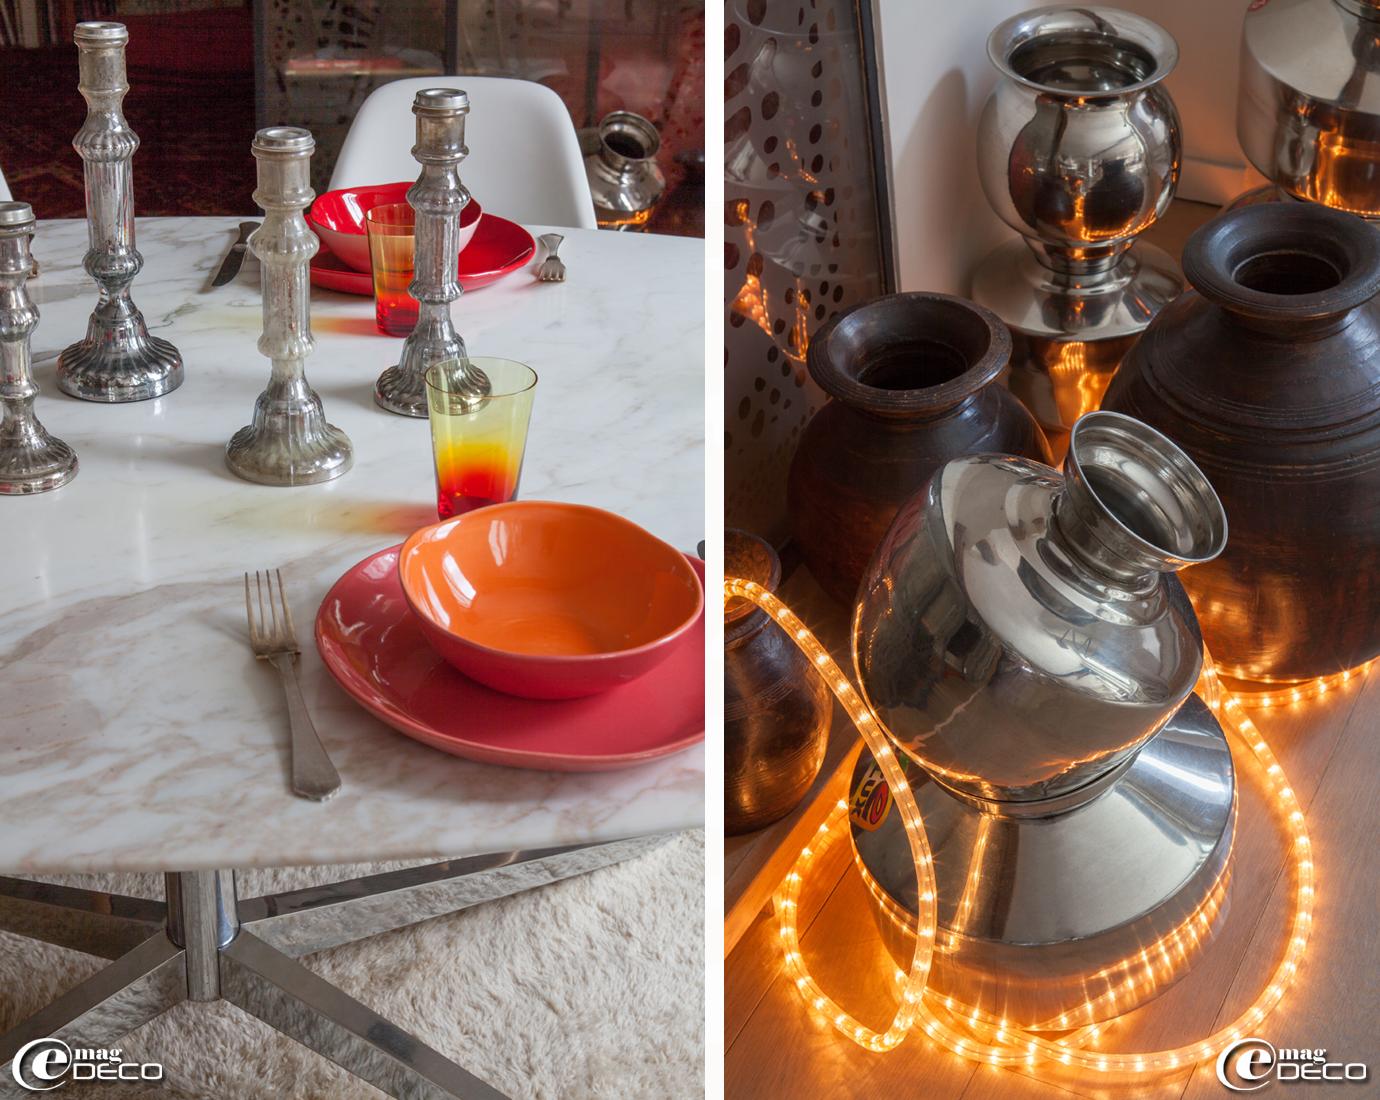 Sur une table de Florence Knoll, vaisselle, création Henriette Jansen et bougeoirs indiens en verre mercurisé. Collection de vases en inox provenant des bazars indiens éclairés d'une guirlande à leds